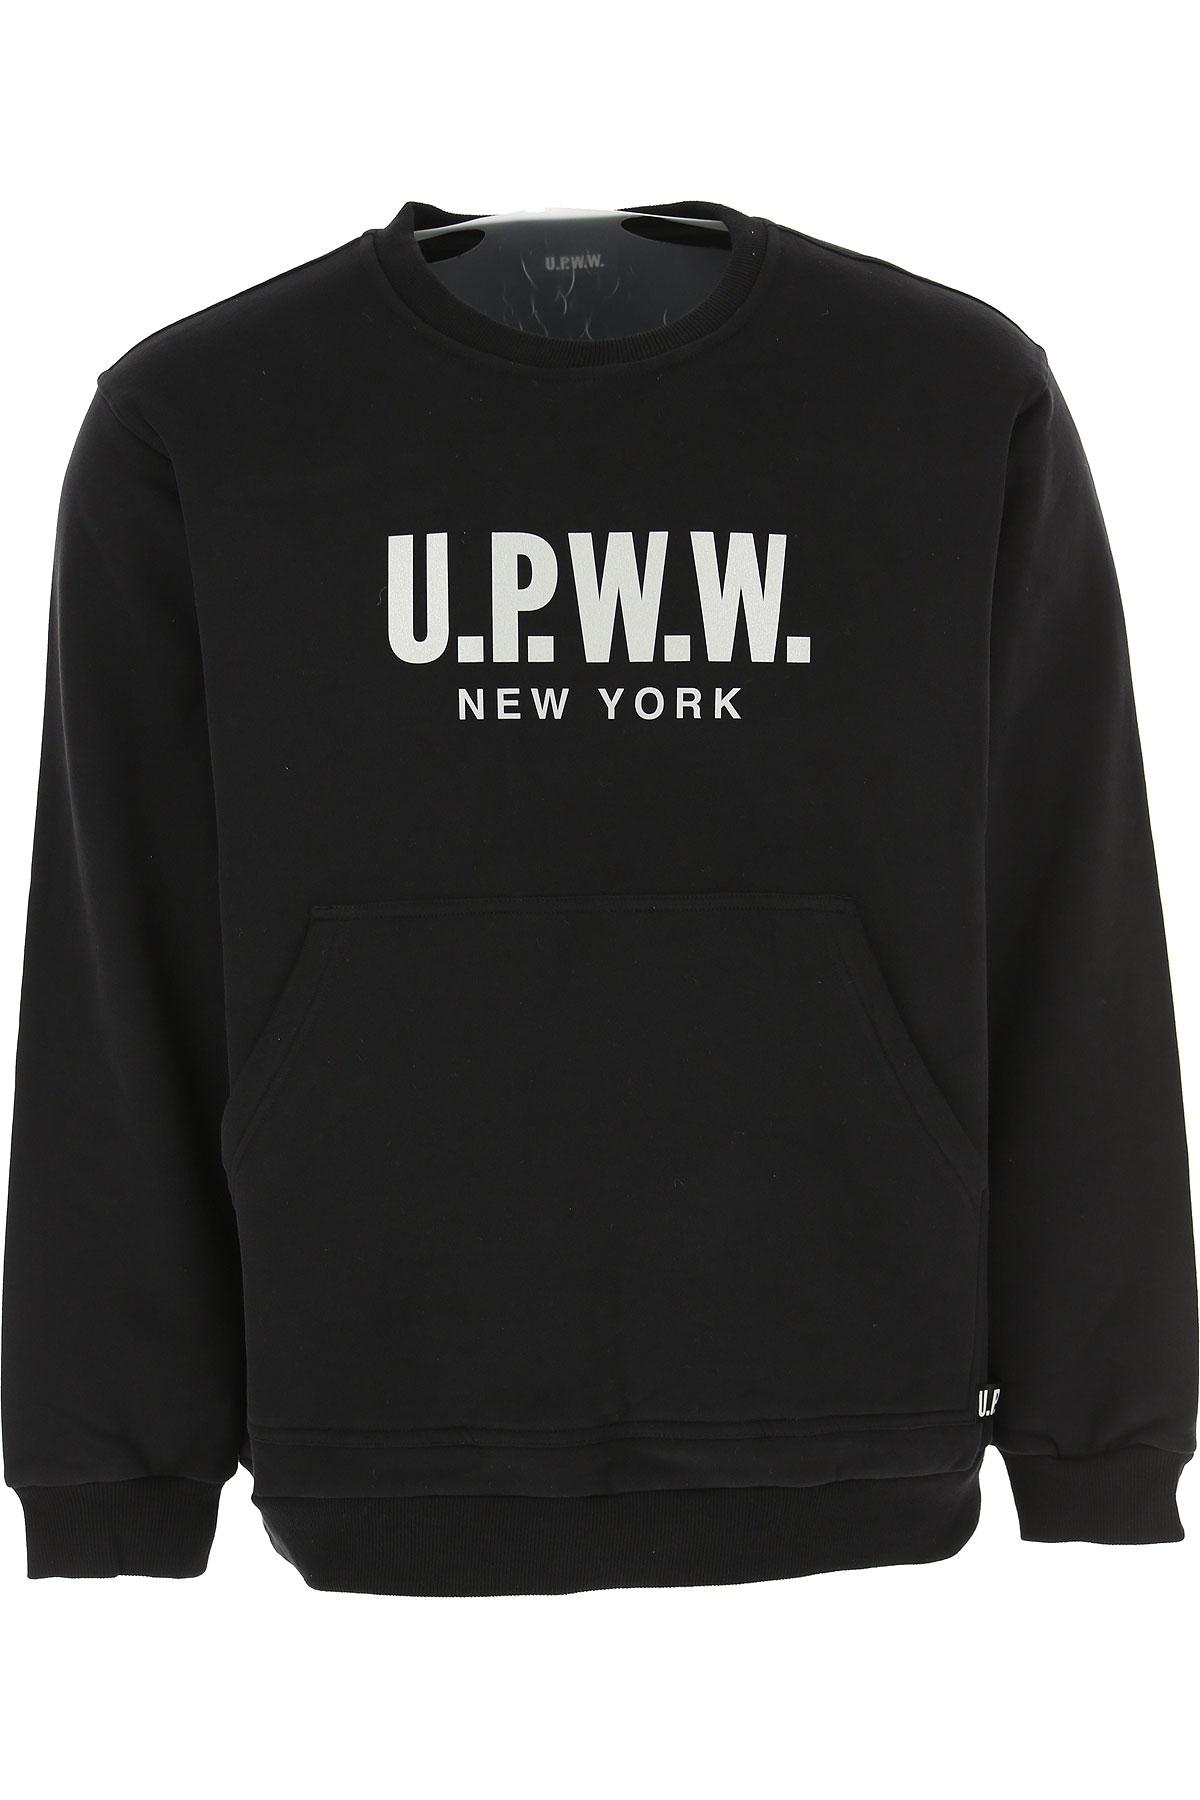 U.P.W.W. Sweat Homme Pas cher en Soldes, Noir, Coton, 2019, L M S XL